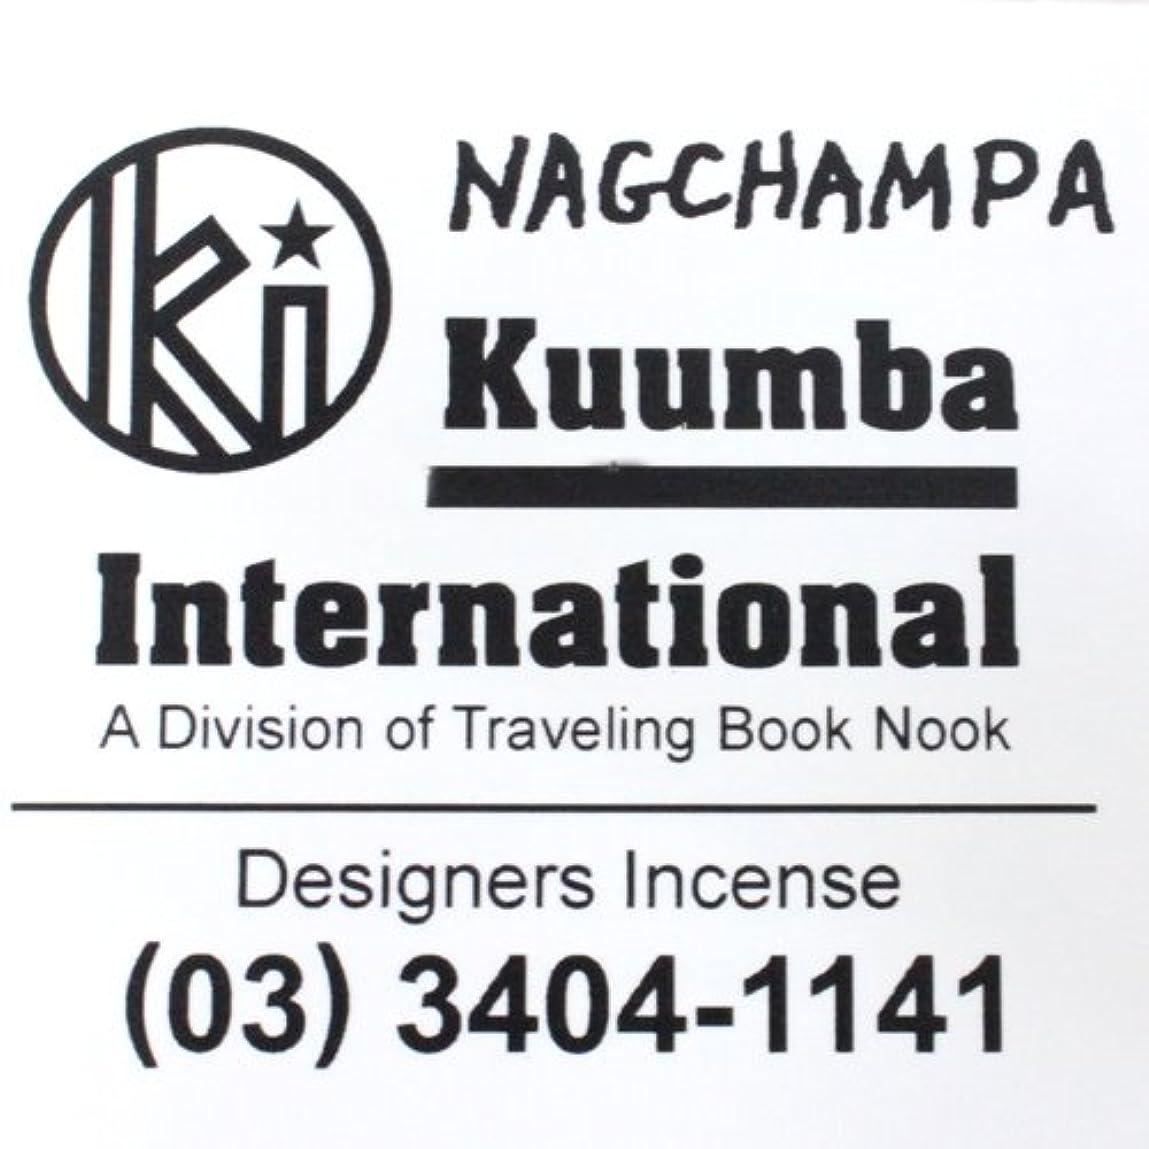 不適独裁者引退したKUUMBA (クンバ)『incense』(NAGCHAMPA) (Regular size)